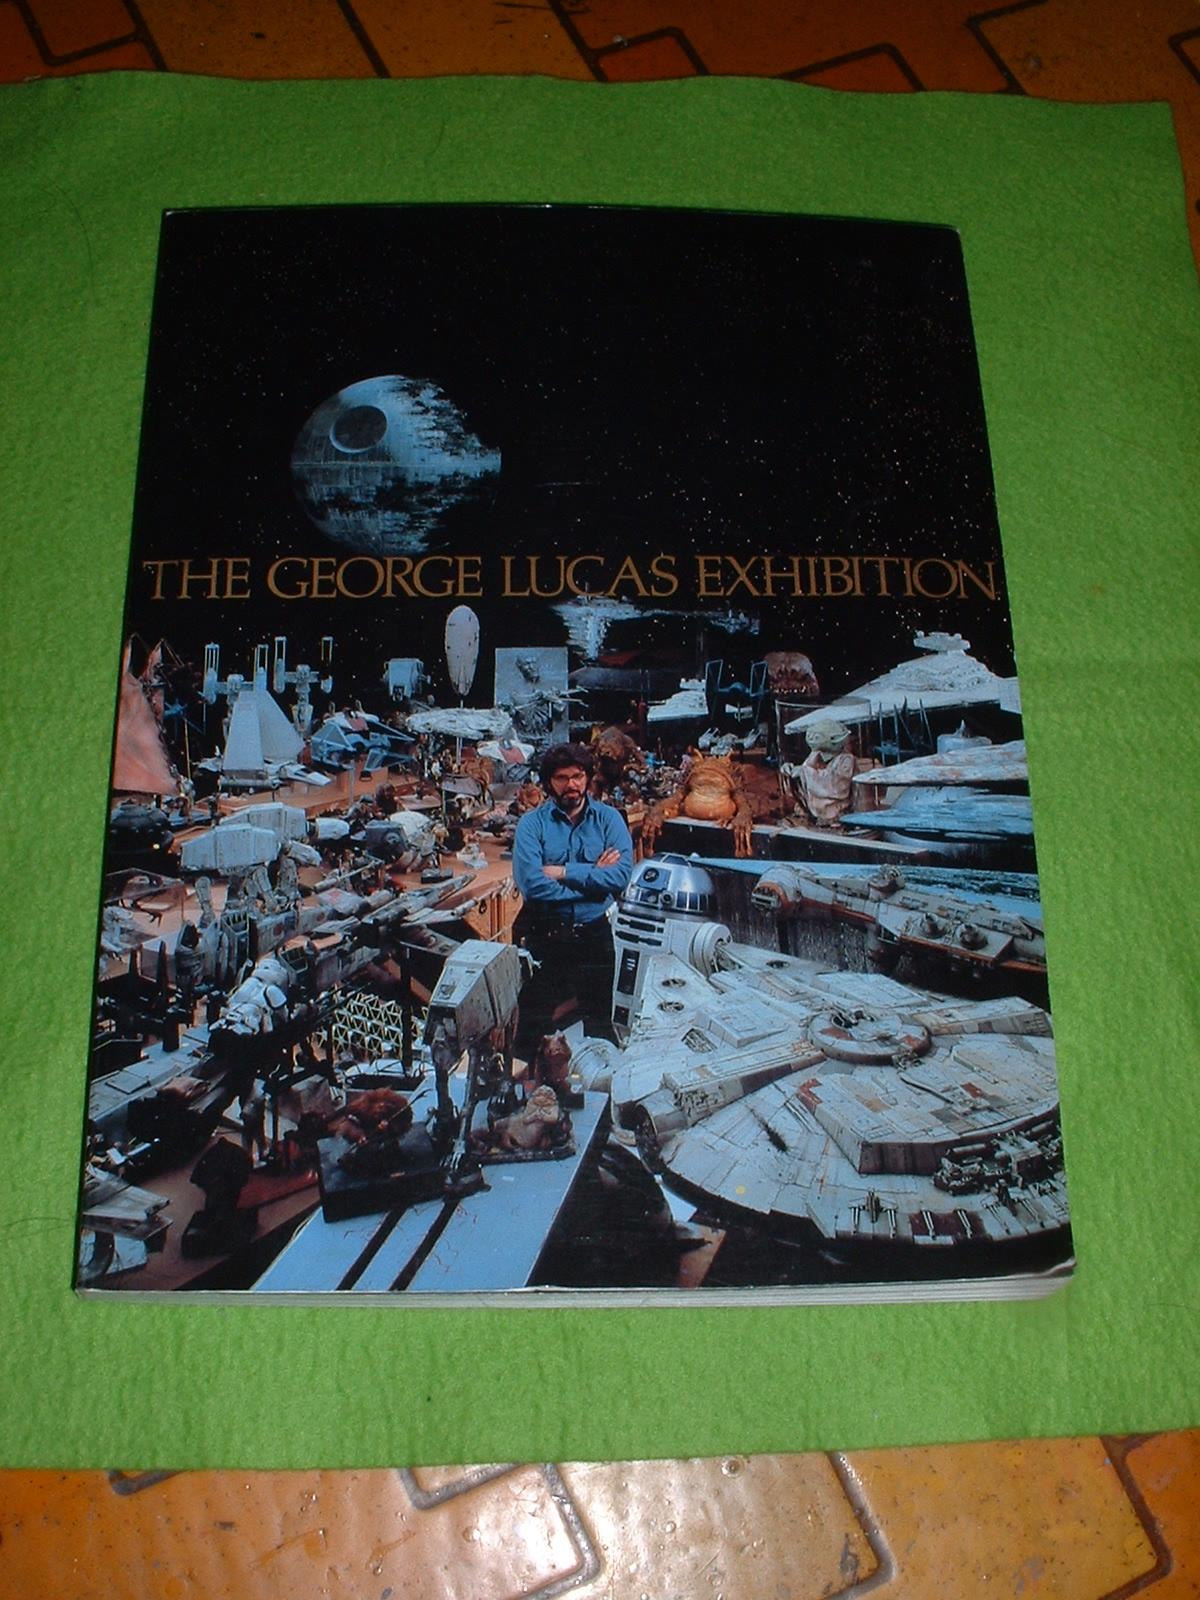 参考資料 1993年から1994年「ジョージルーカス展」目録 Doburoku-TAO.JPG